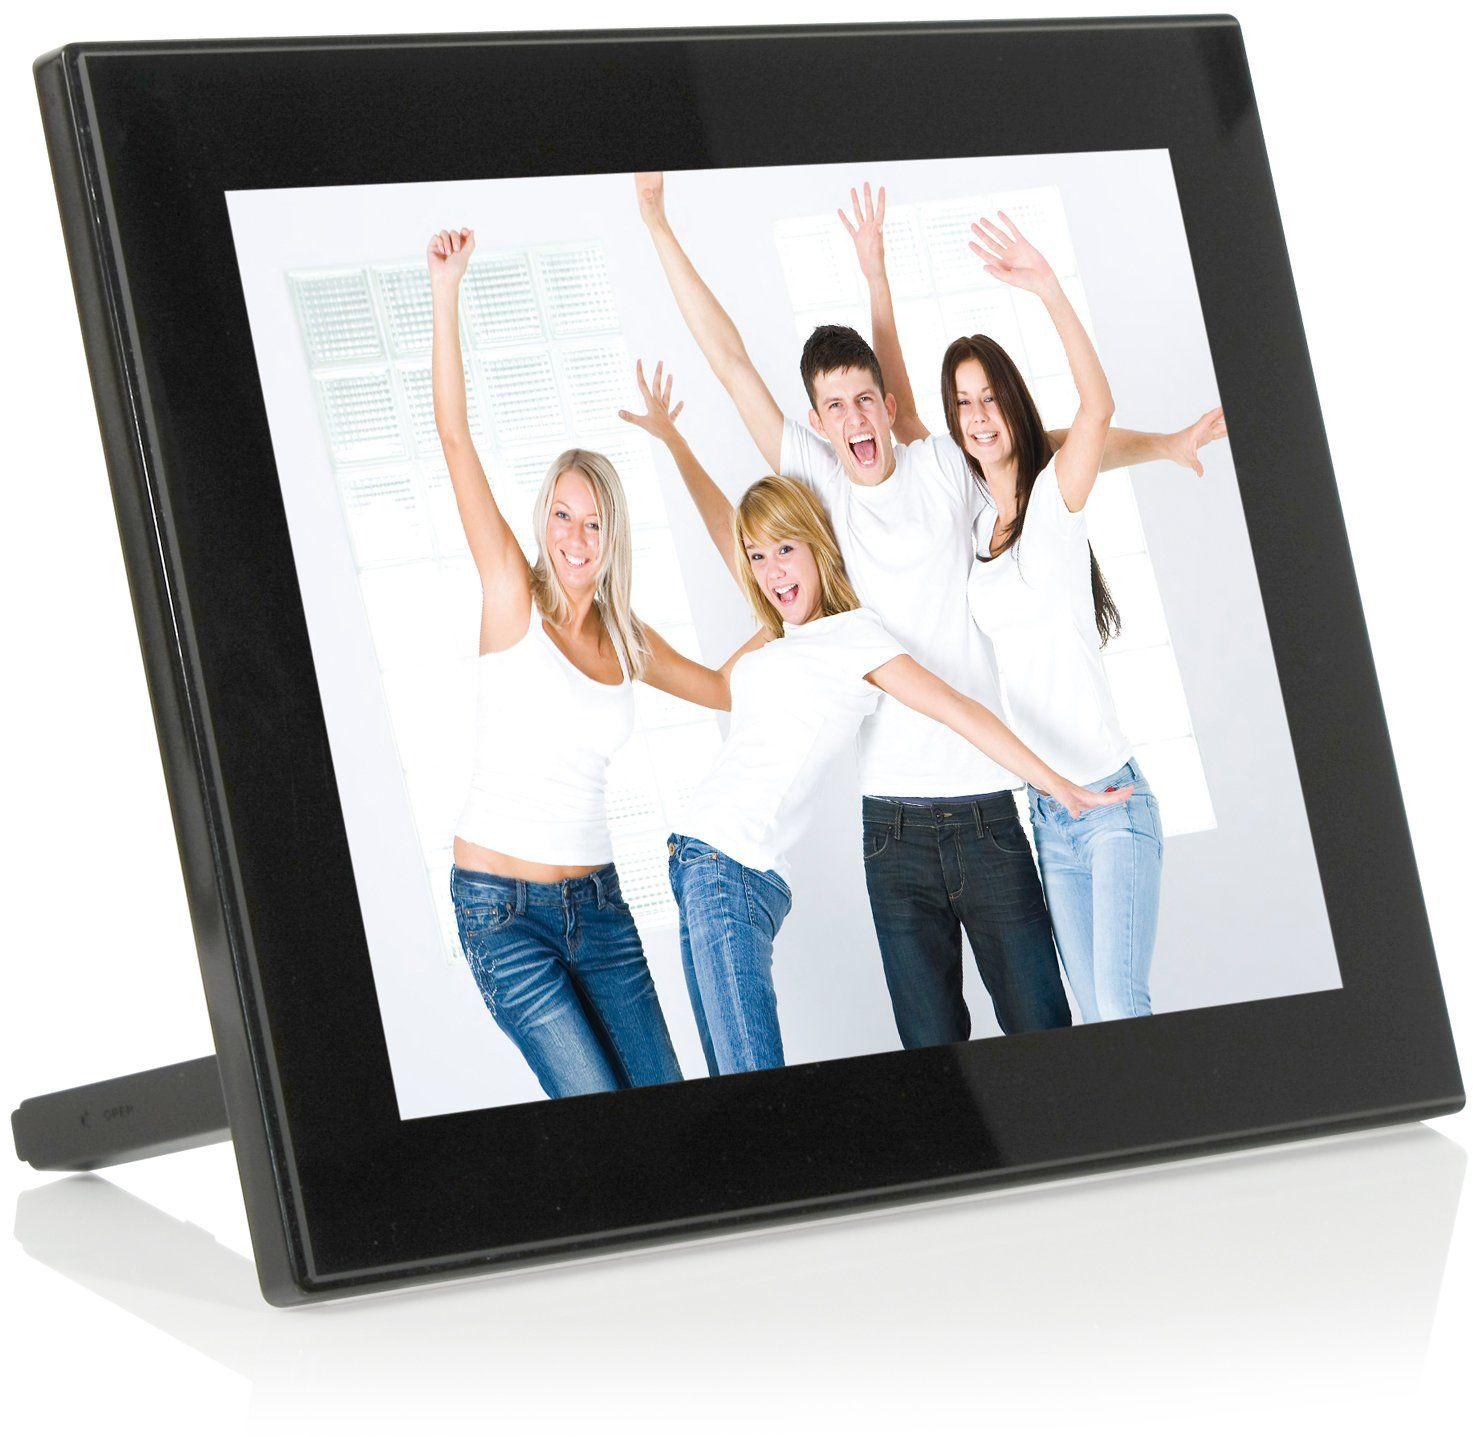 JOBO PLANO PRO cyfrowa ramka na zdjęcia (25,4 cm (10 cali), 4:3, czarna